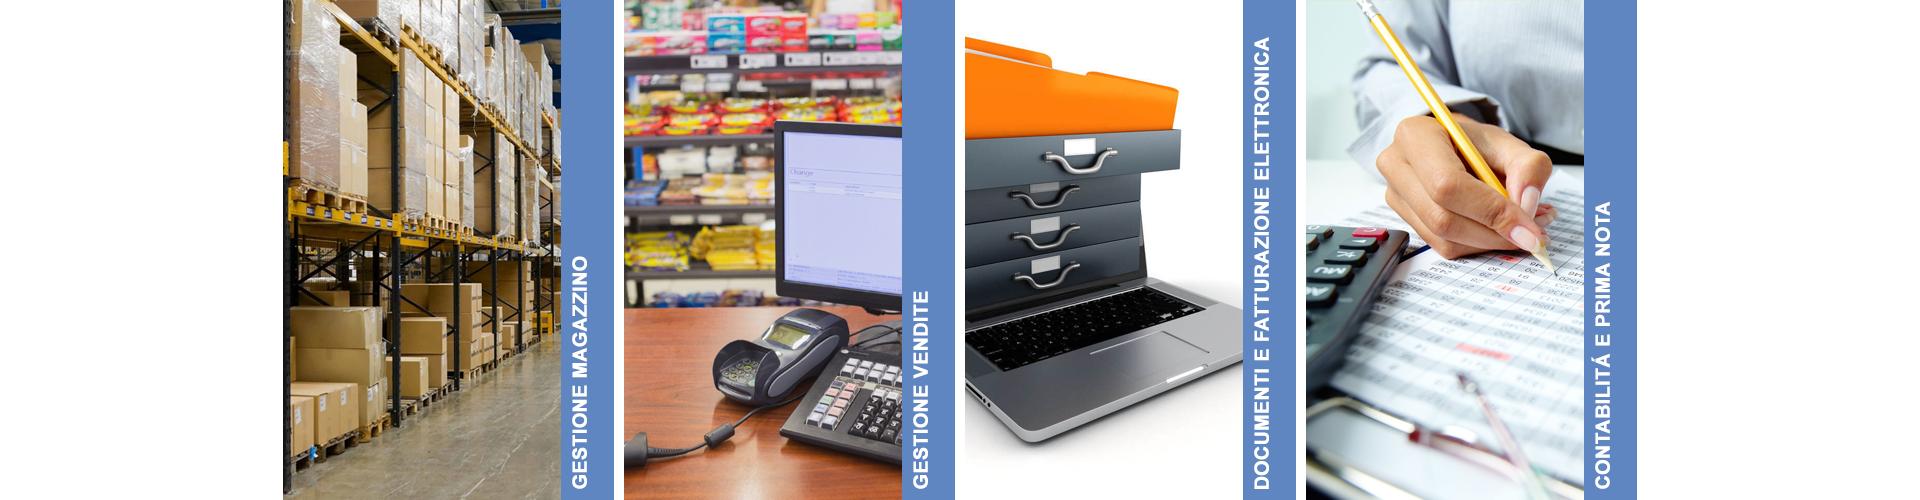 facile tre gestione magazzino vendite documenti e fatturazione elettronica contabilità